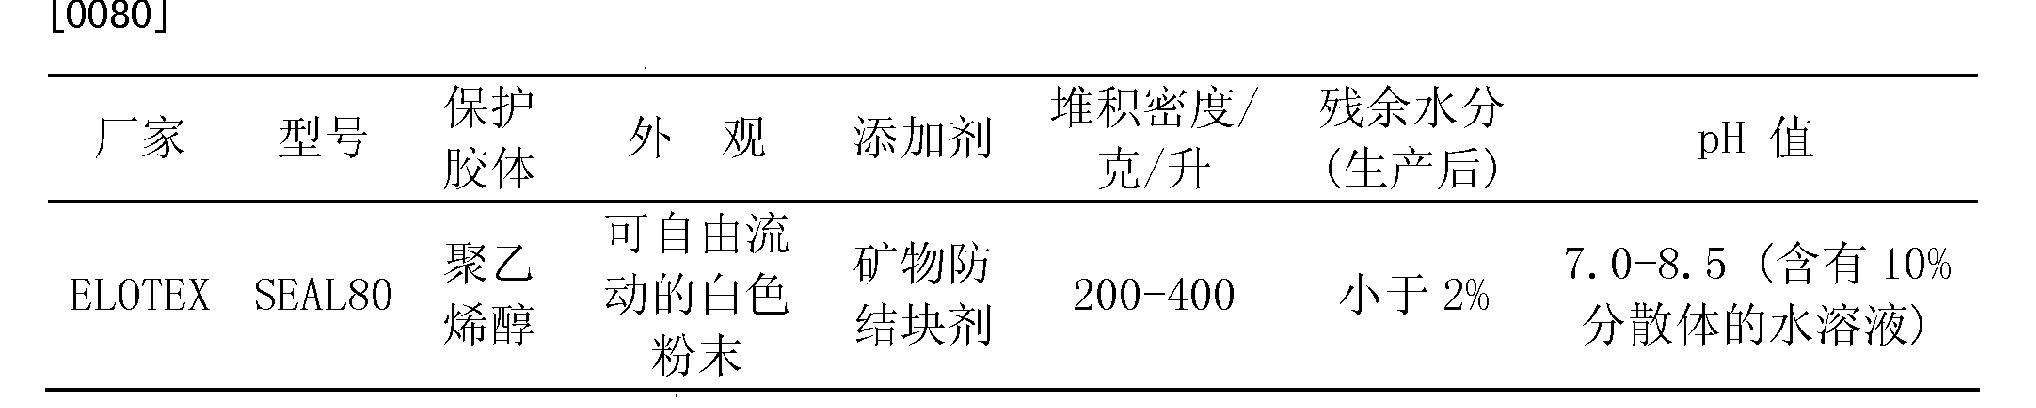 Figure CN102584118BD00092